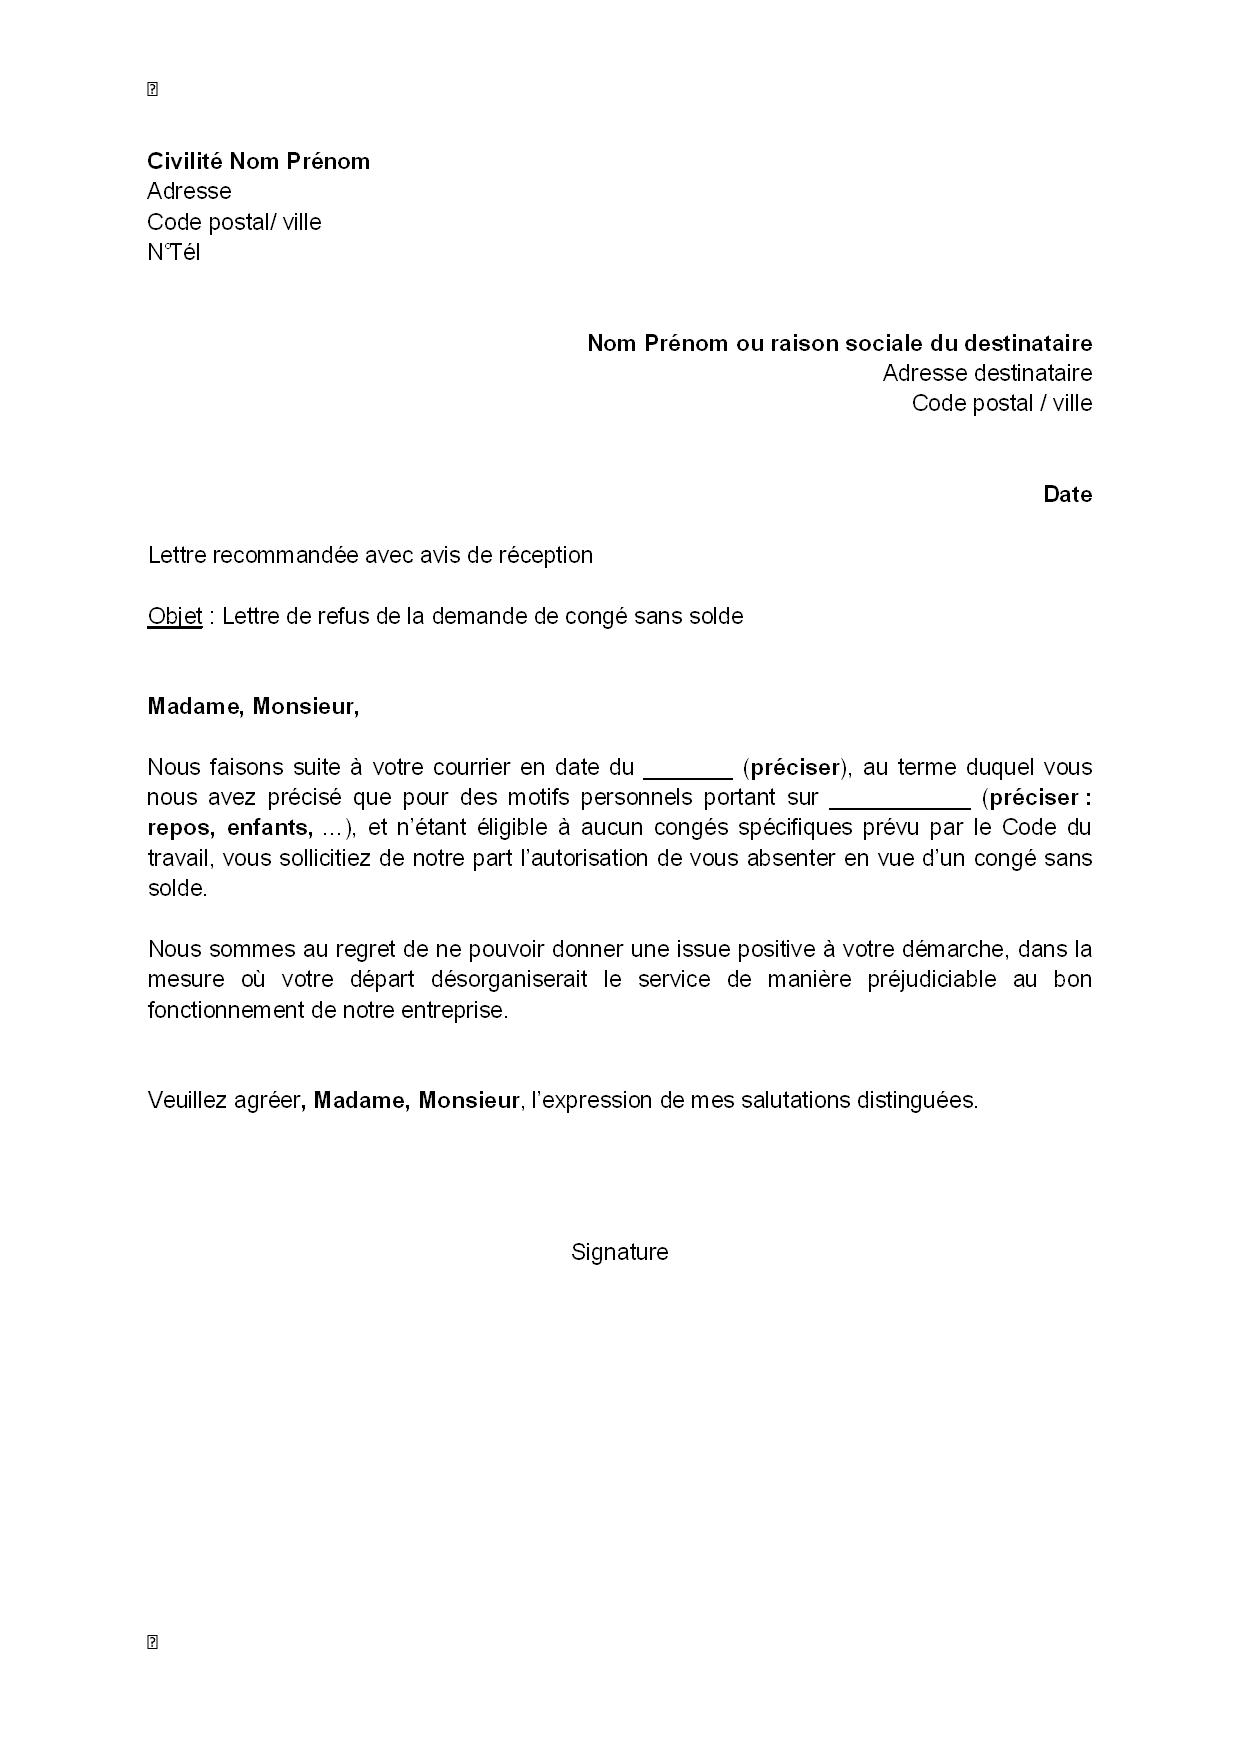 modele lettre demande de congé sabbatique Exemple gratuit de Lettre refus, par employeur, demande congé sans  modele lettre demande de congé sabbatique